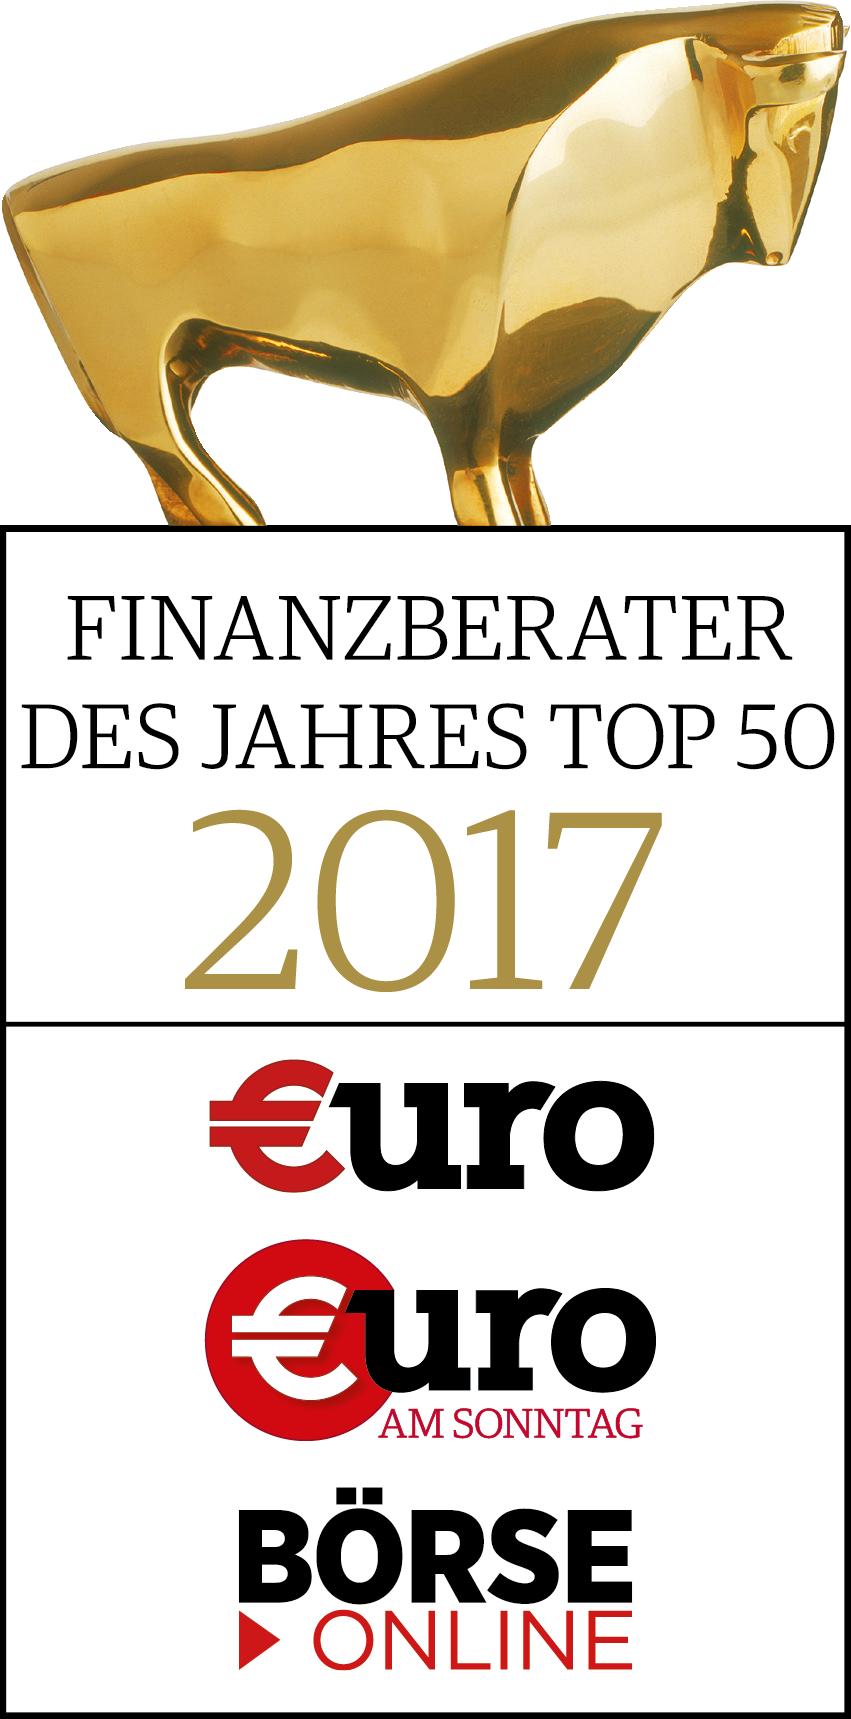 Finanzberater des Jahres 2017